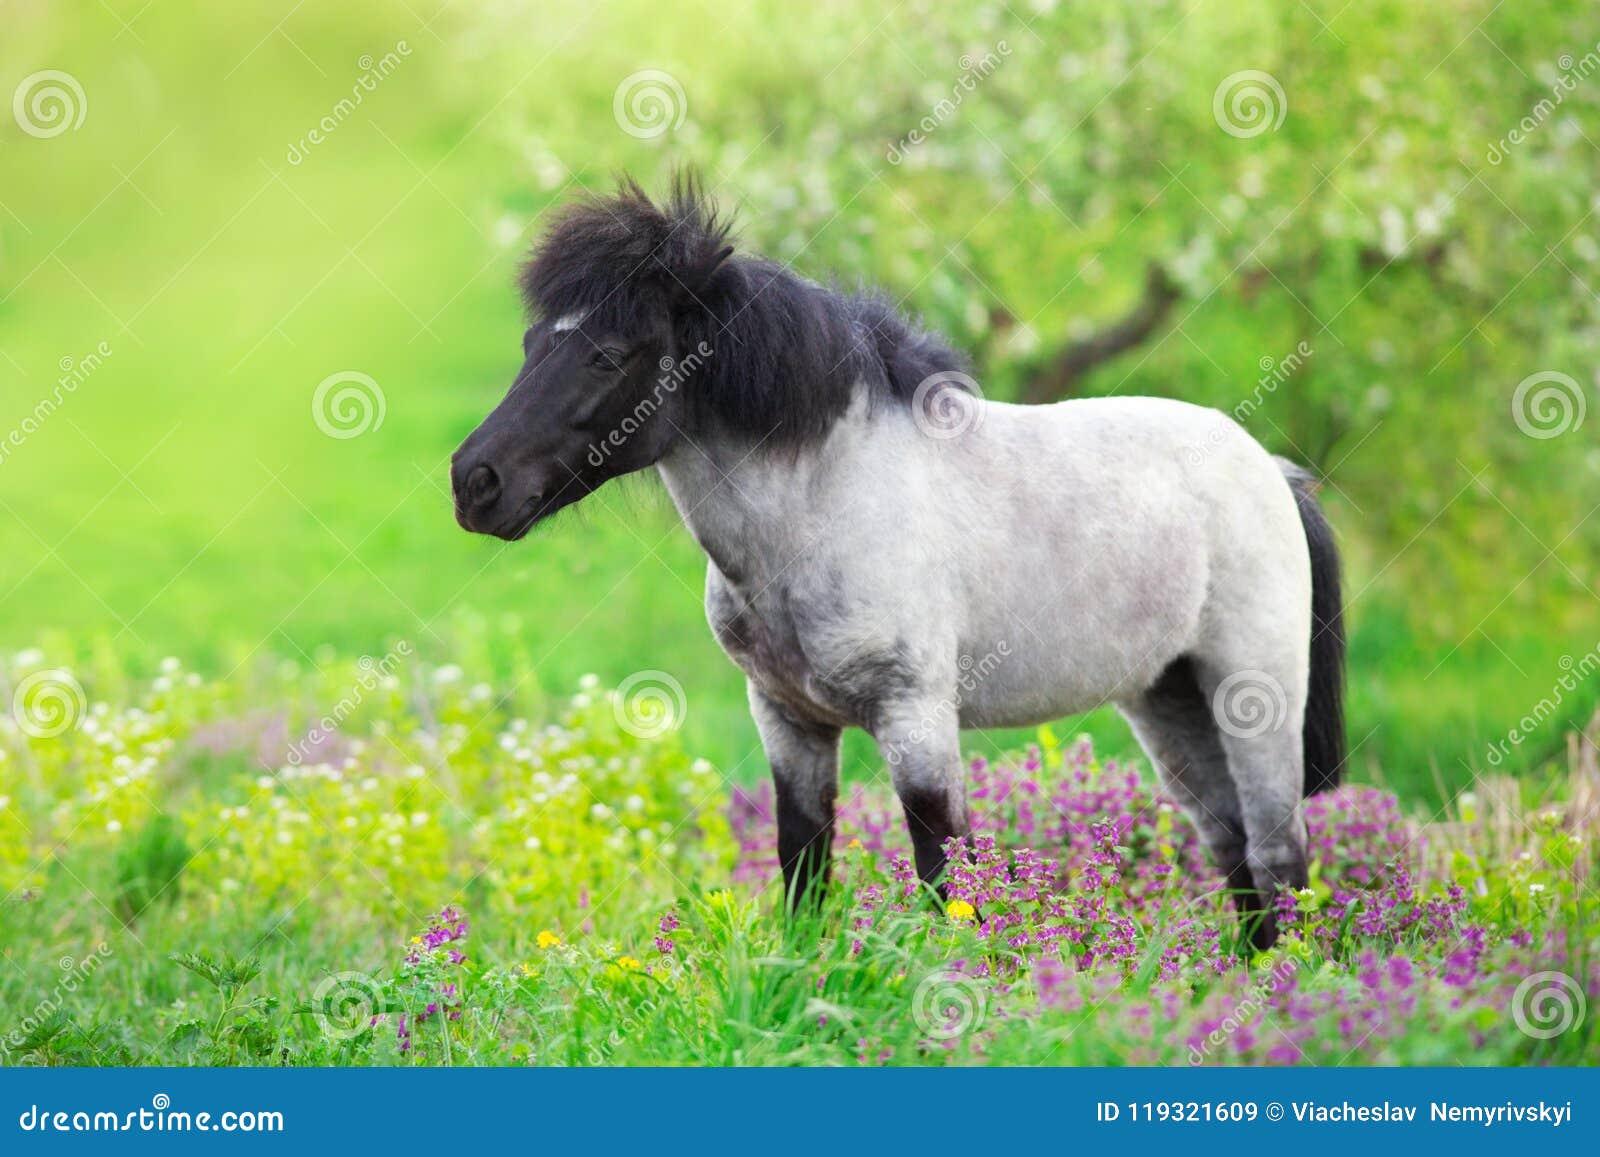 Pony in flowers meadow